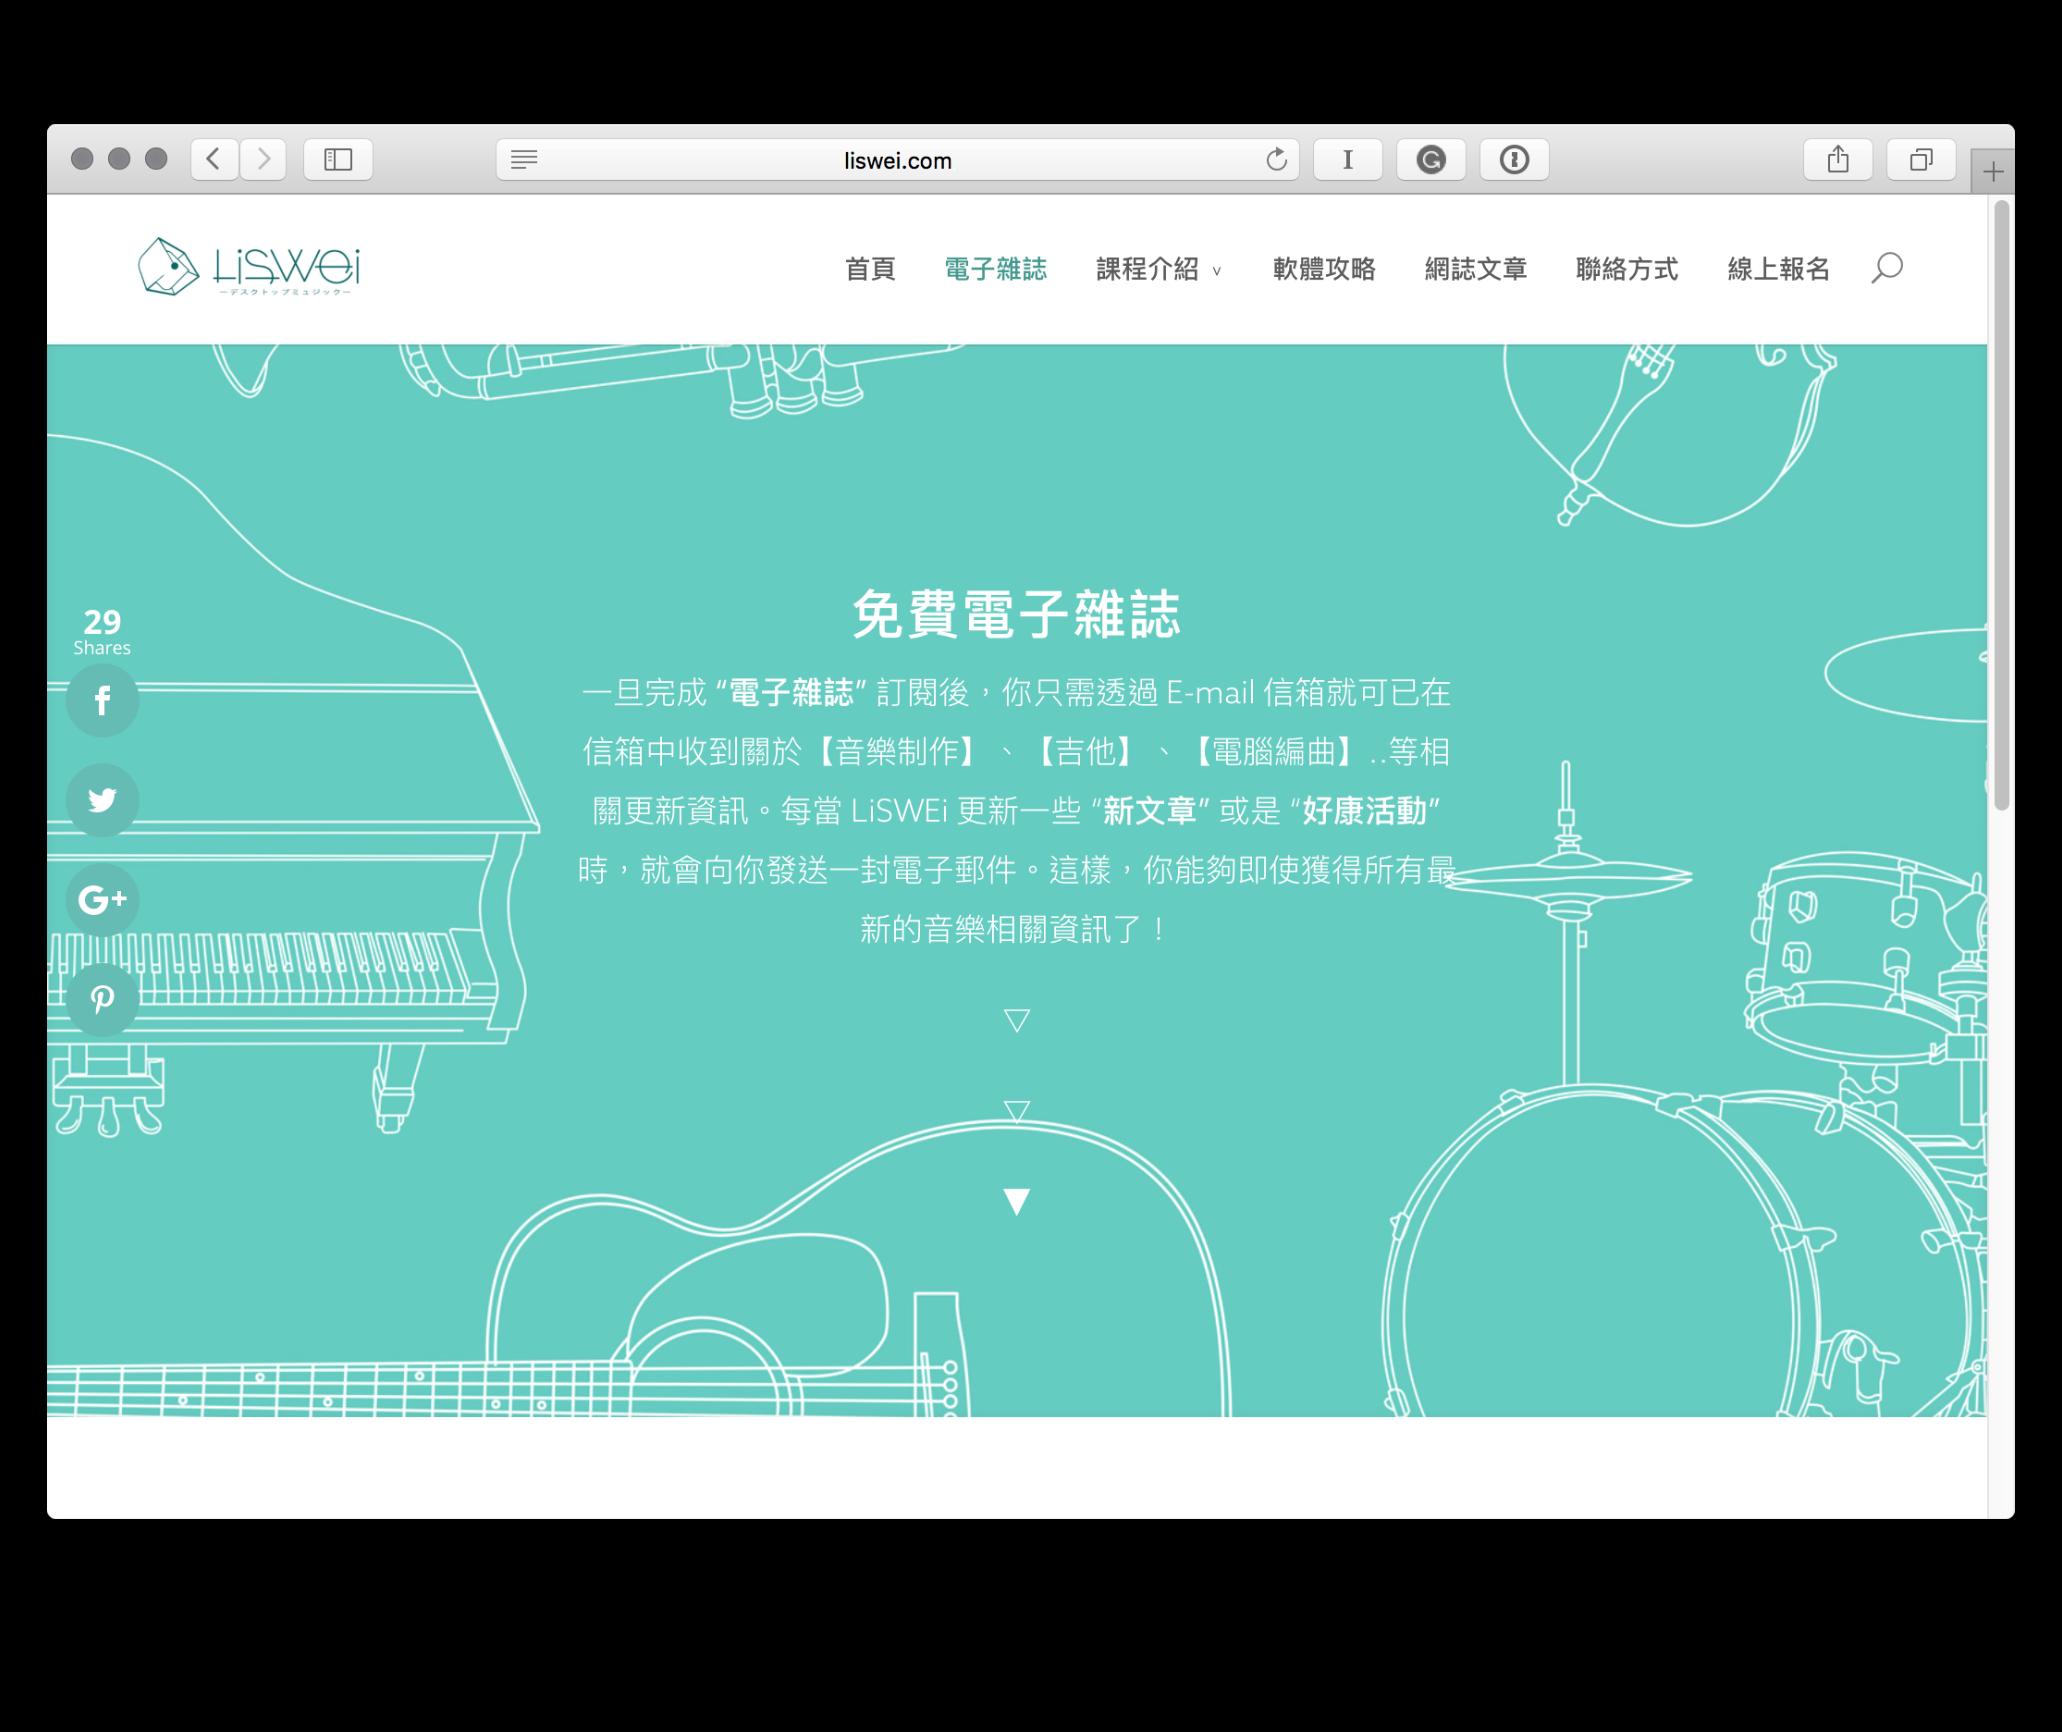 為了統一網站的設計(極簡風),所有的底圖都沿用首頁的底圖來當背景。